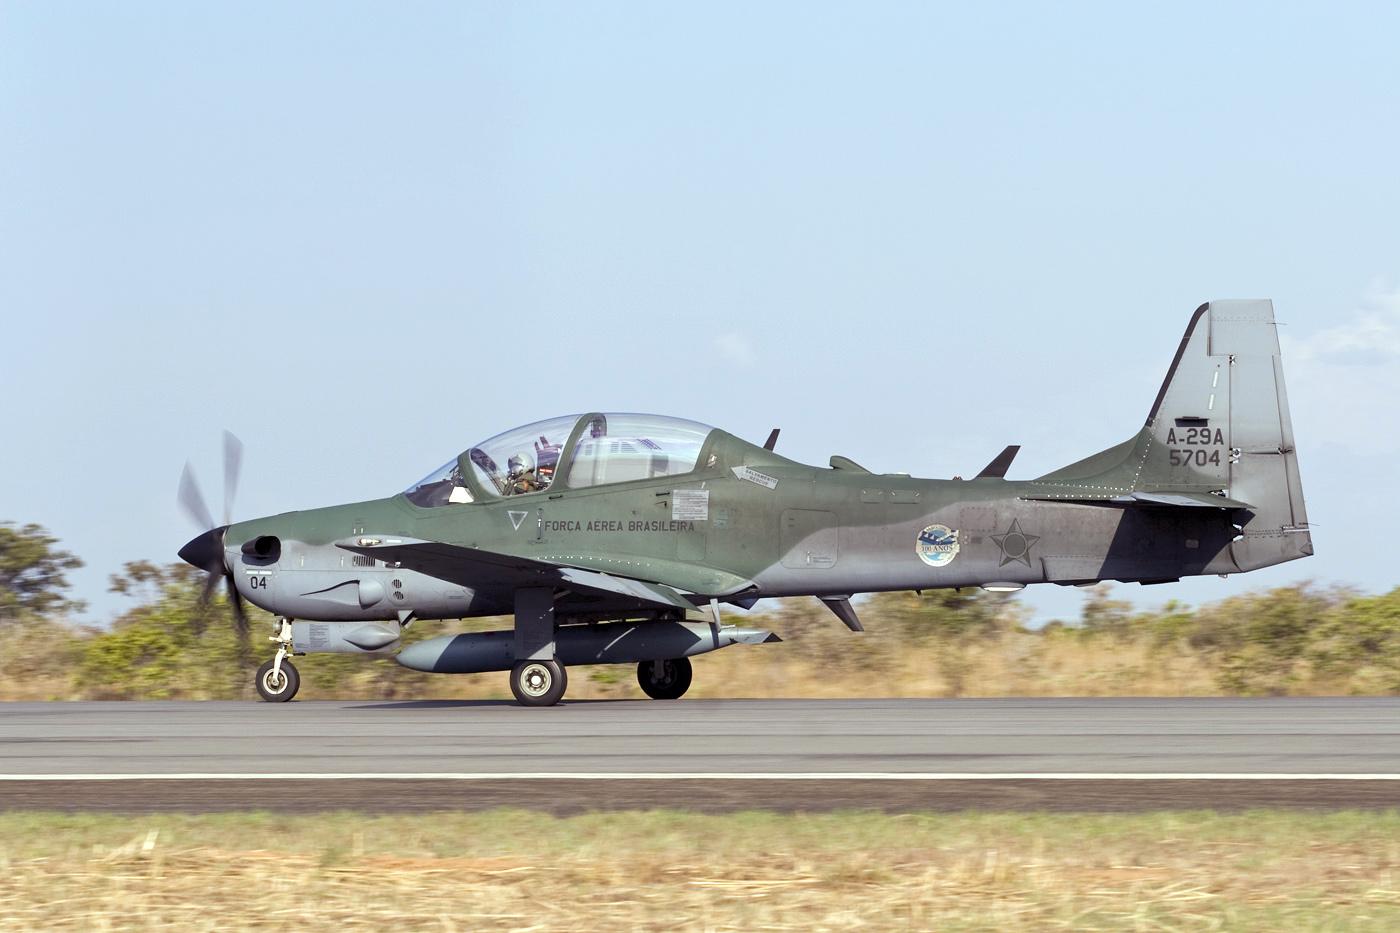 Лесни борбени авиони - Пропелери - Page 2 A-29A_Super_Tucano_Rob_Schleiffert